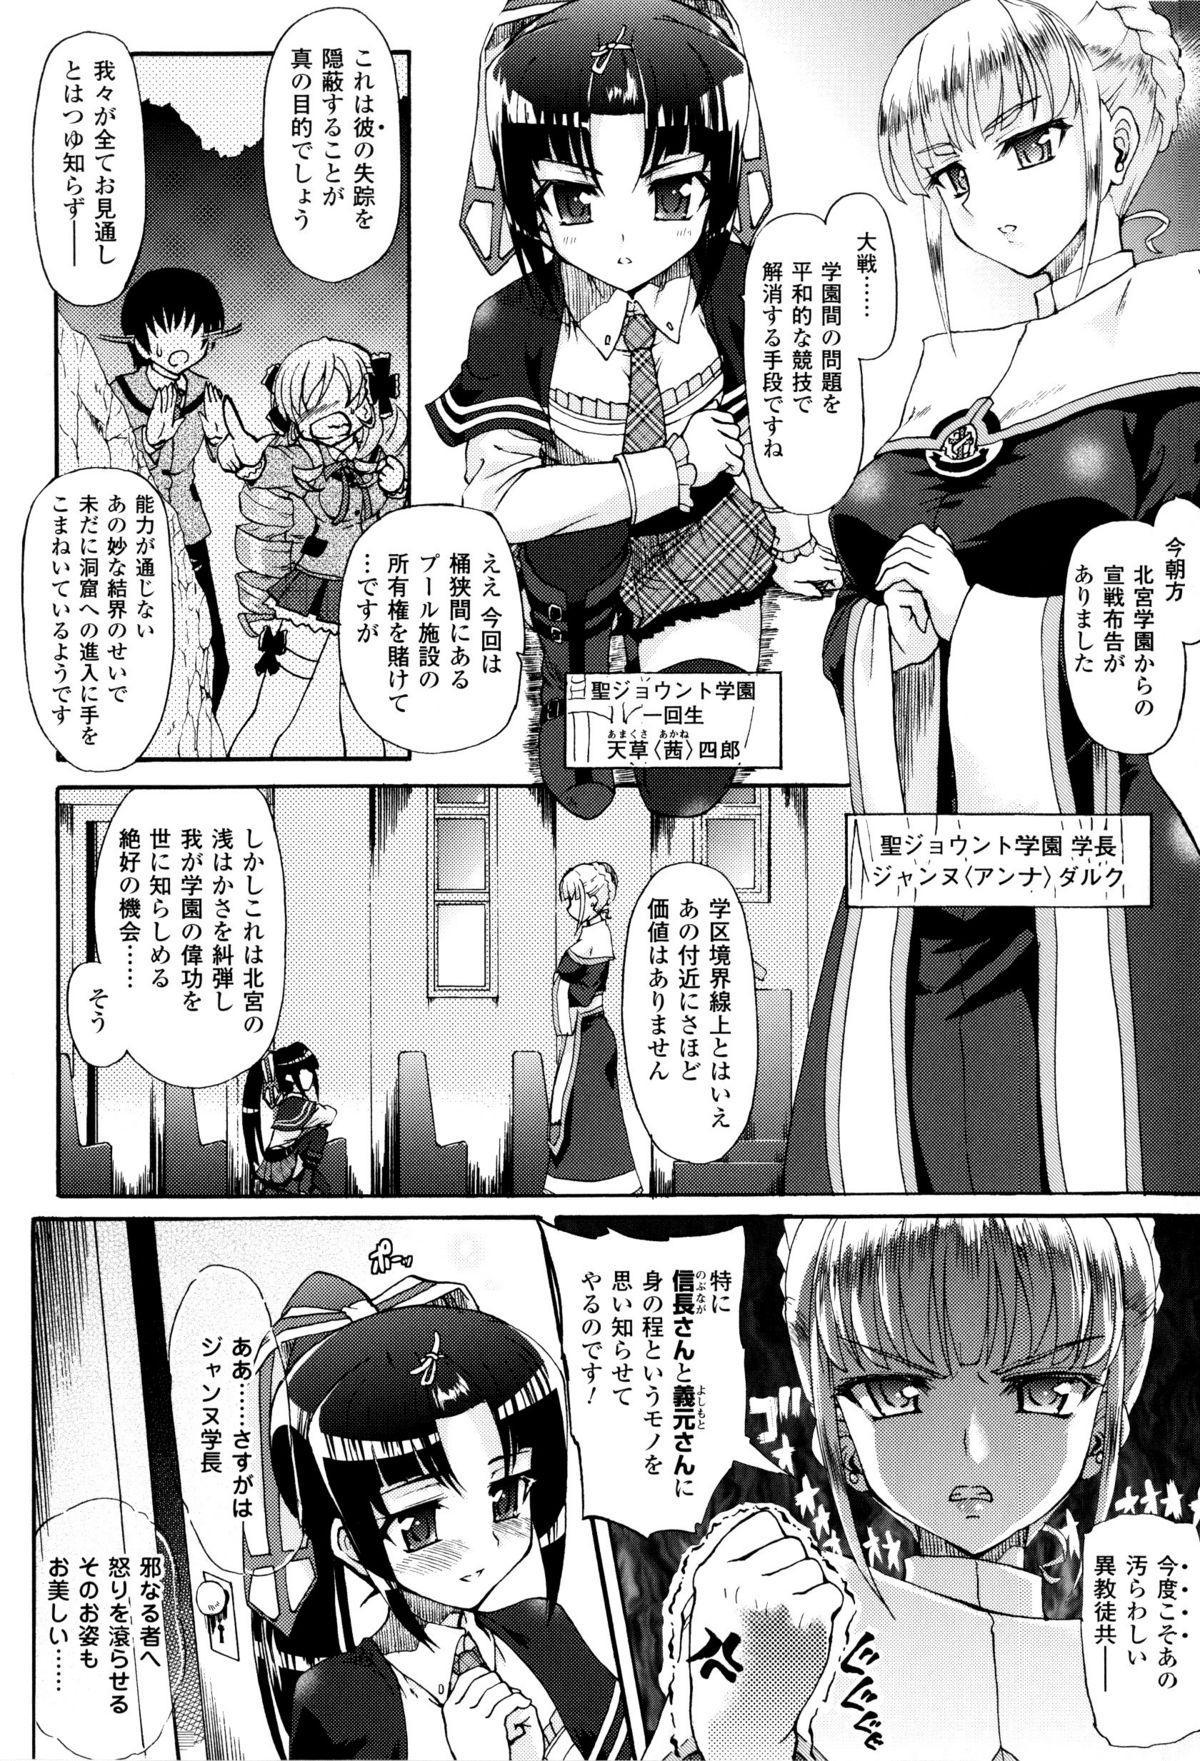 Toushin Engi Vol. 8 6